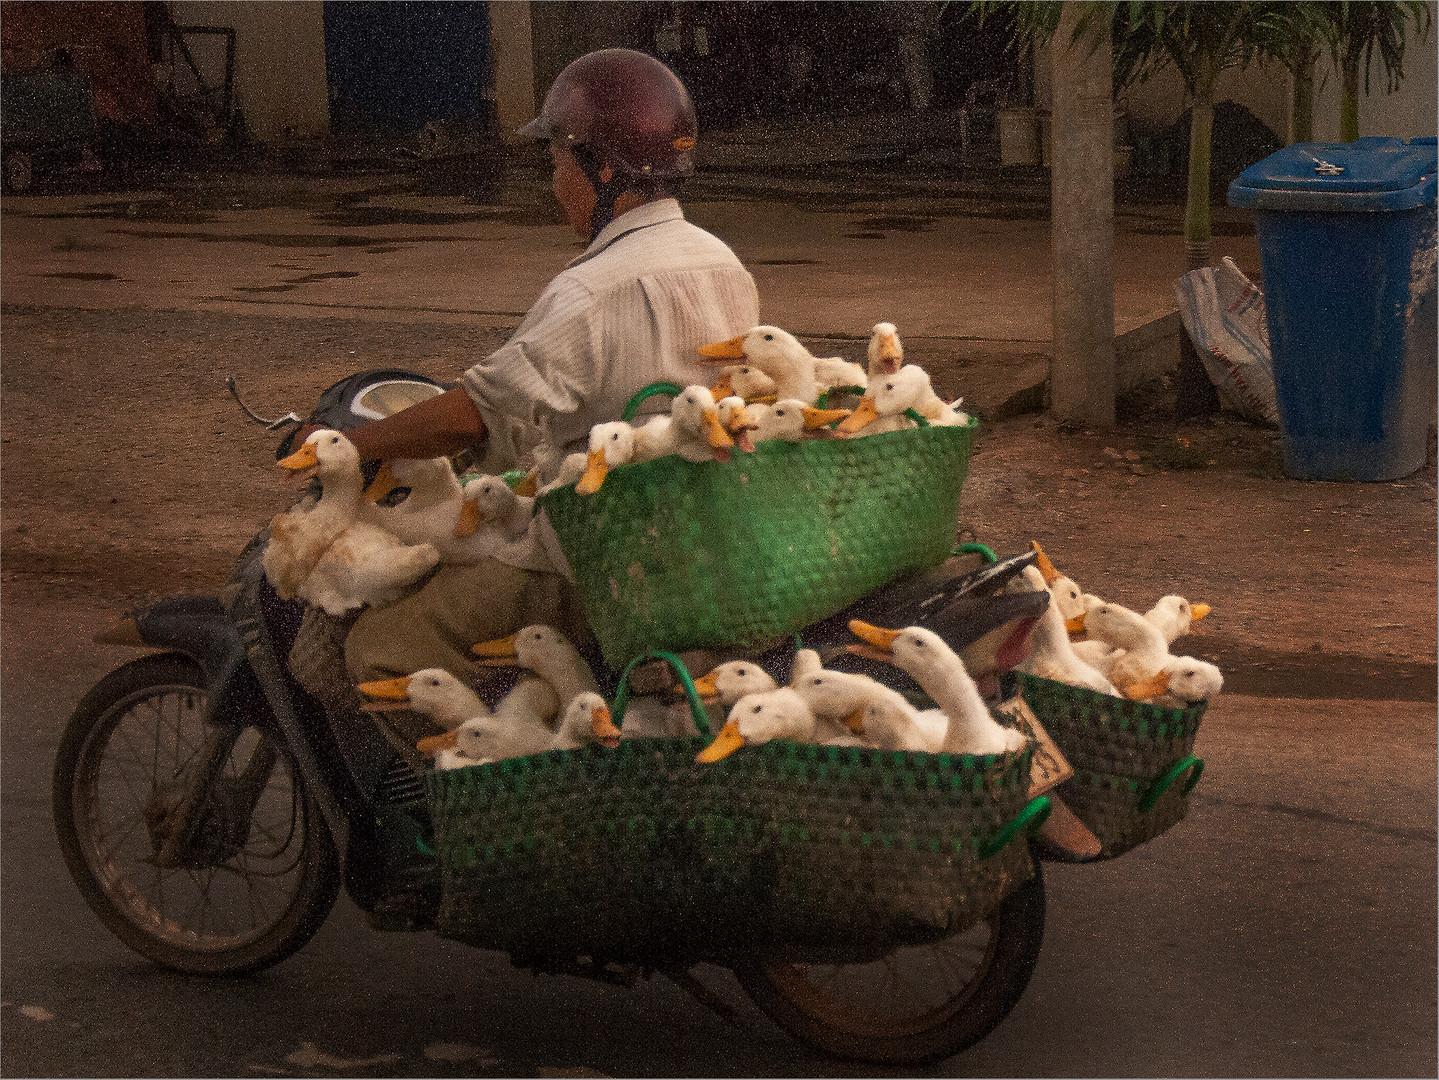 Ducks for Market